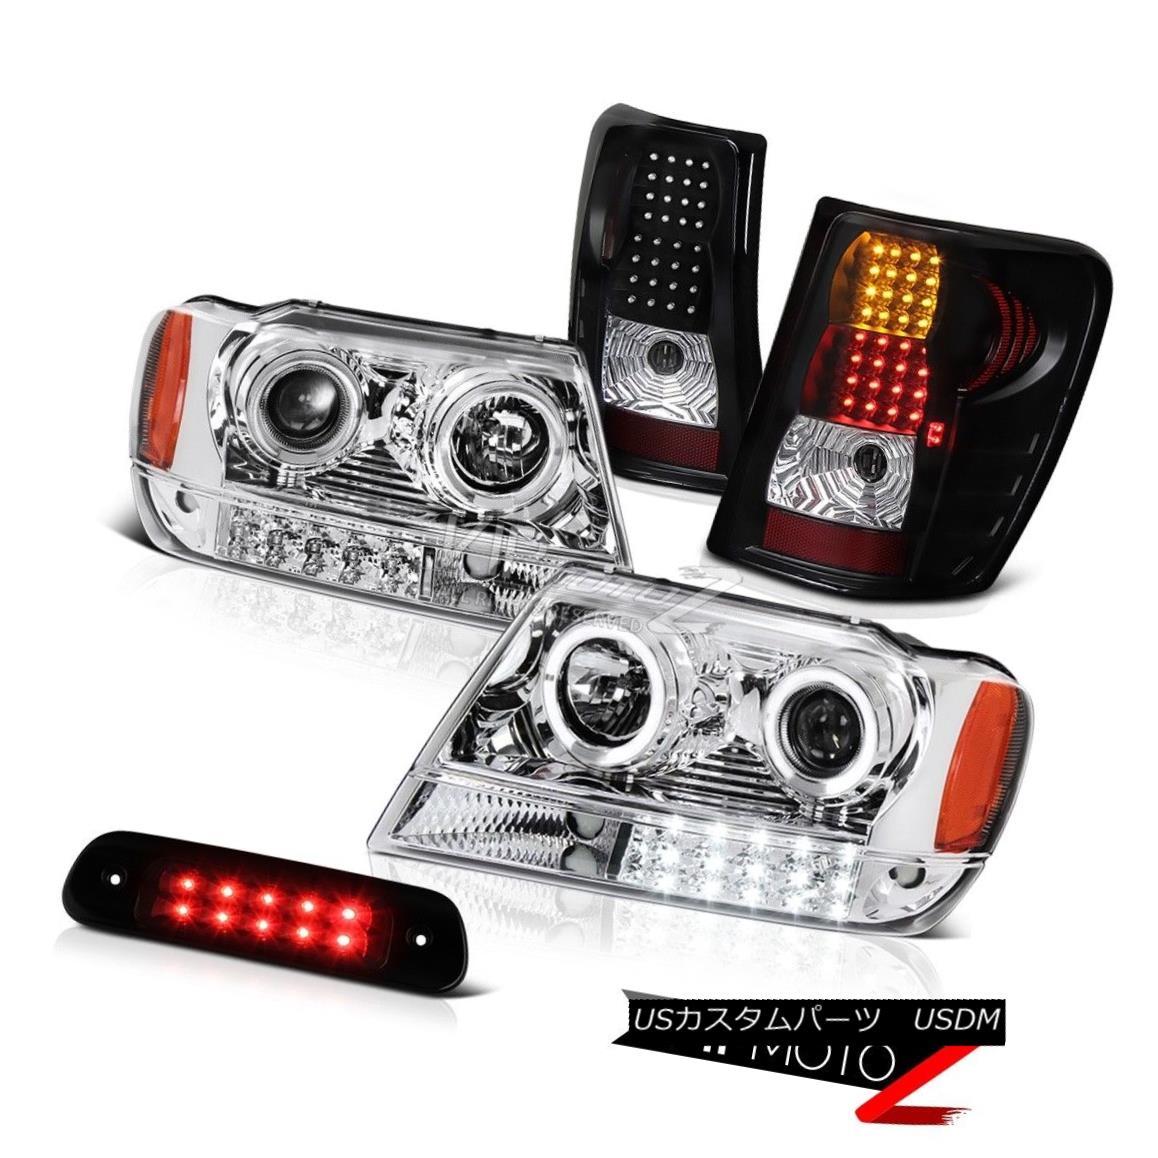 テールライト 99-04 Jeep Grand Cherokee WJ Laredo Roof Cab Light Tail Lamps Headlamps LED Bk 99-04ジープグランドチェロキーWJラレドルーフキャブライトテールランプヘッドランプLED Bk